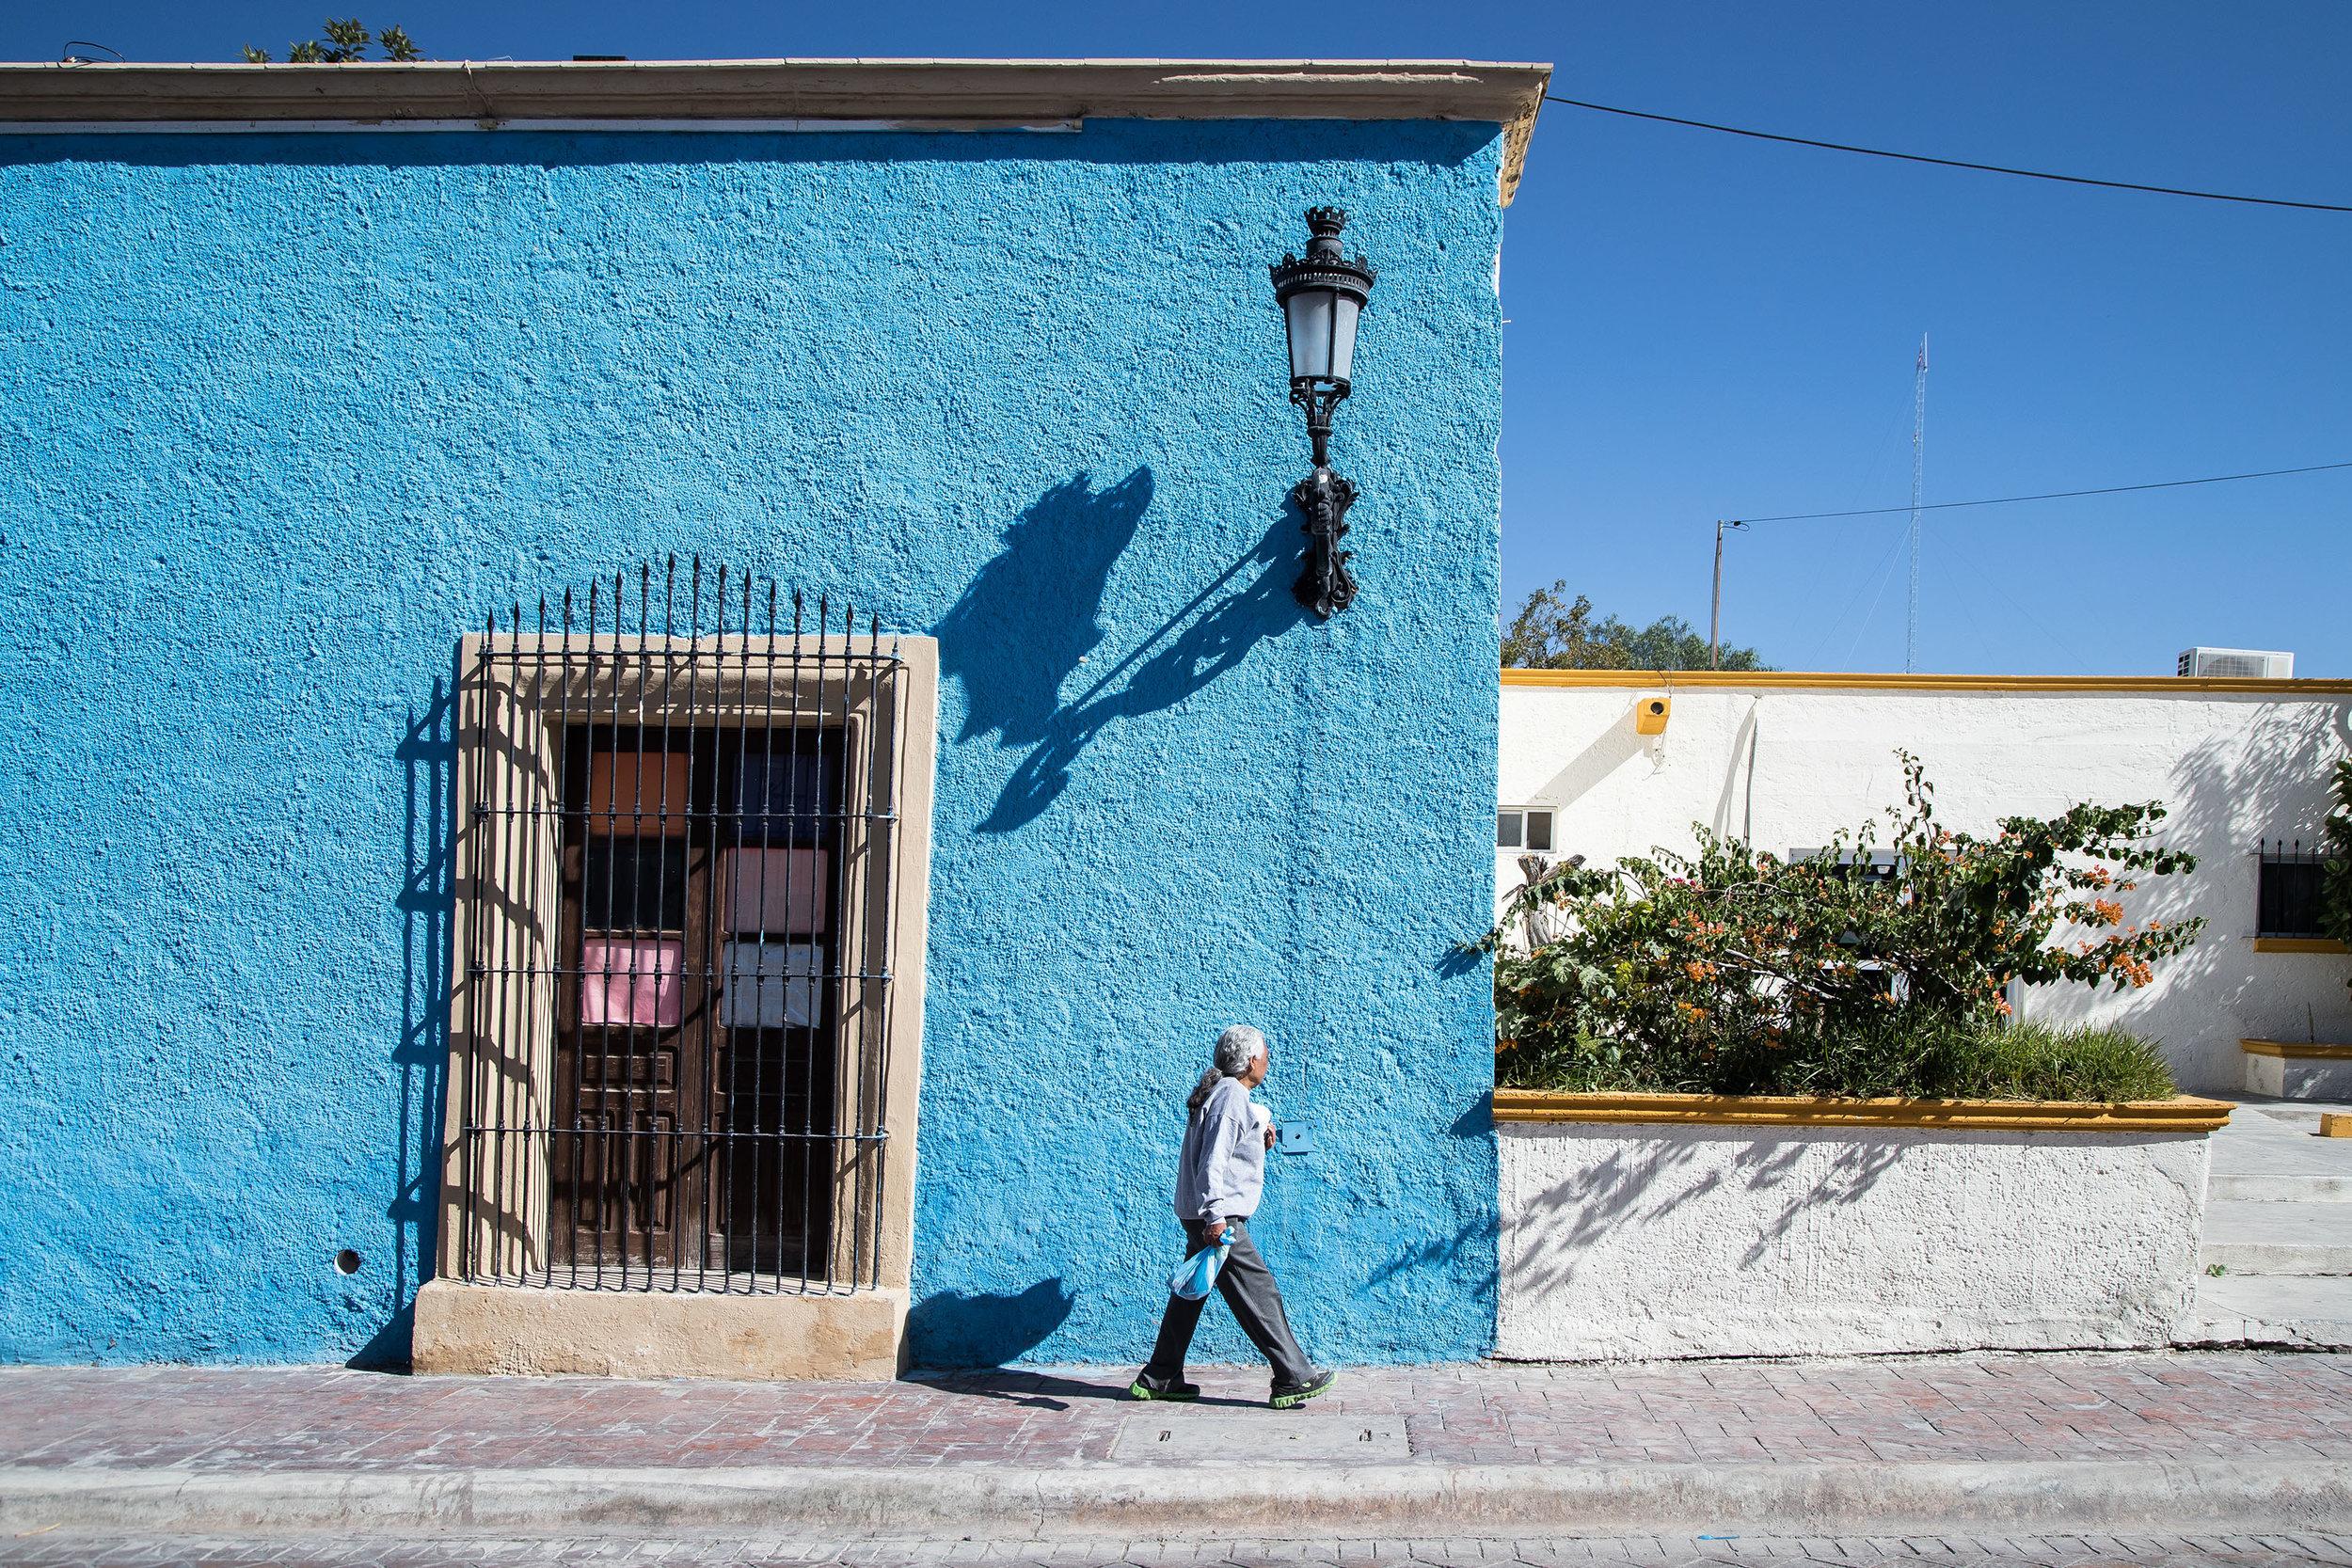 Seen in Parras de la Fuente.